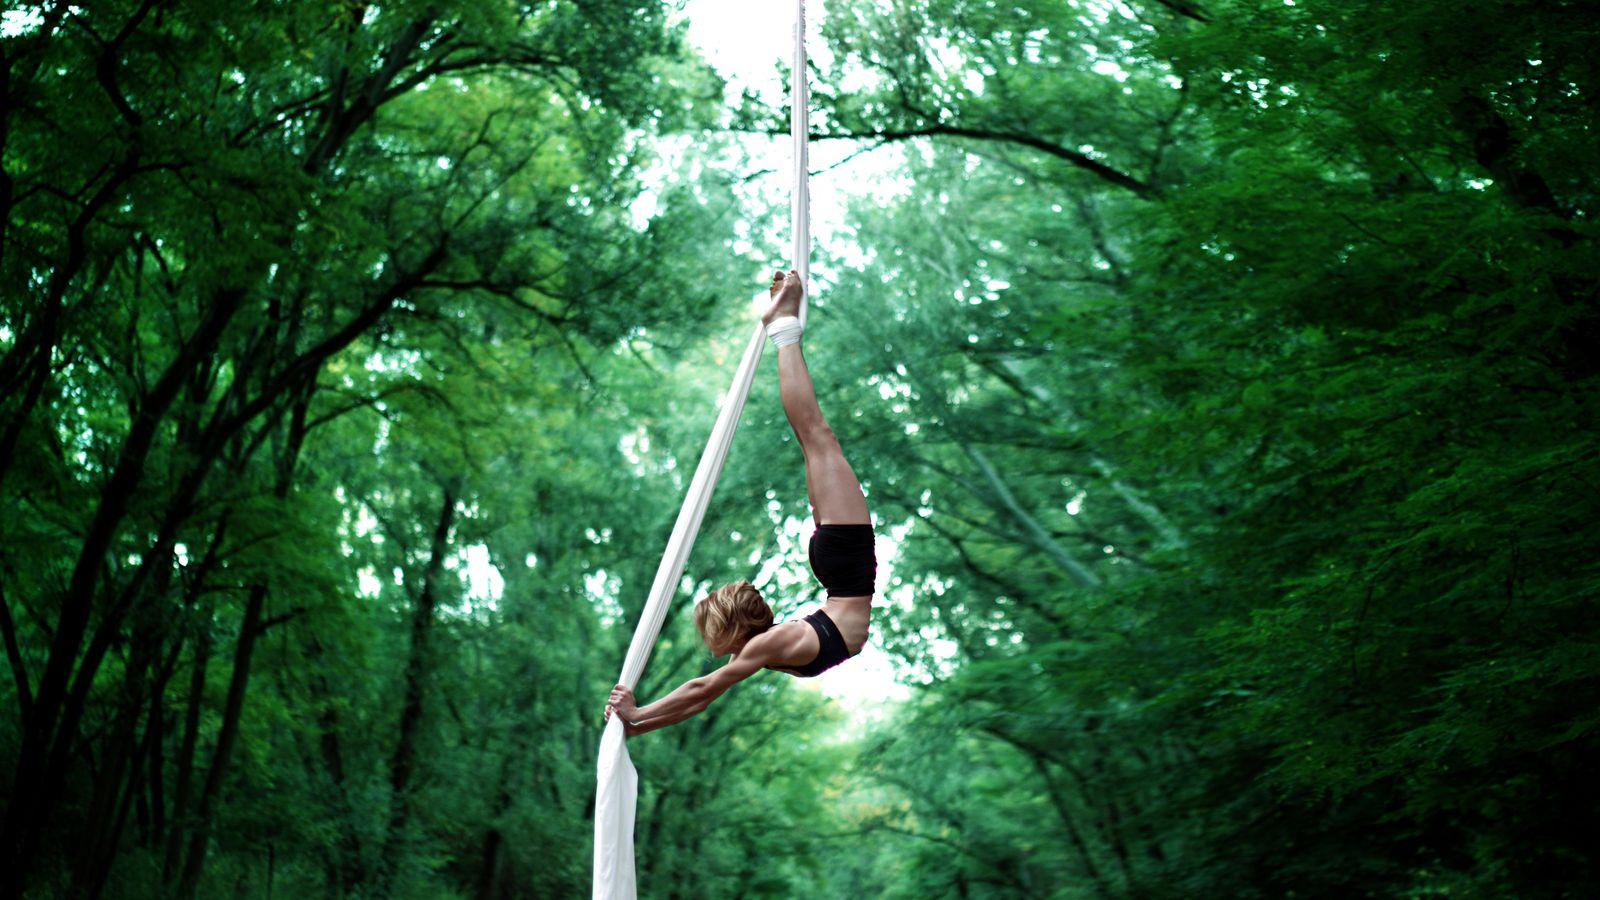 Sydney Martini est suspendue à son tissu aérien, sous la passerelle du Parc de la Feyssine. Sa silhouette se détache sur les arbres de l'allée centrale.